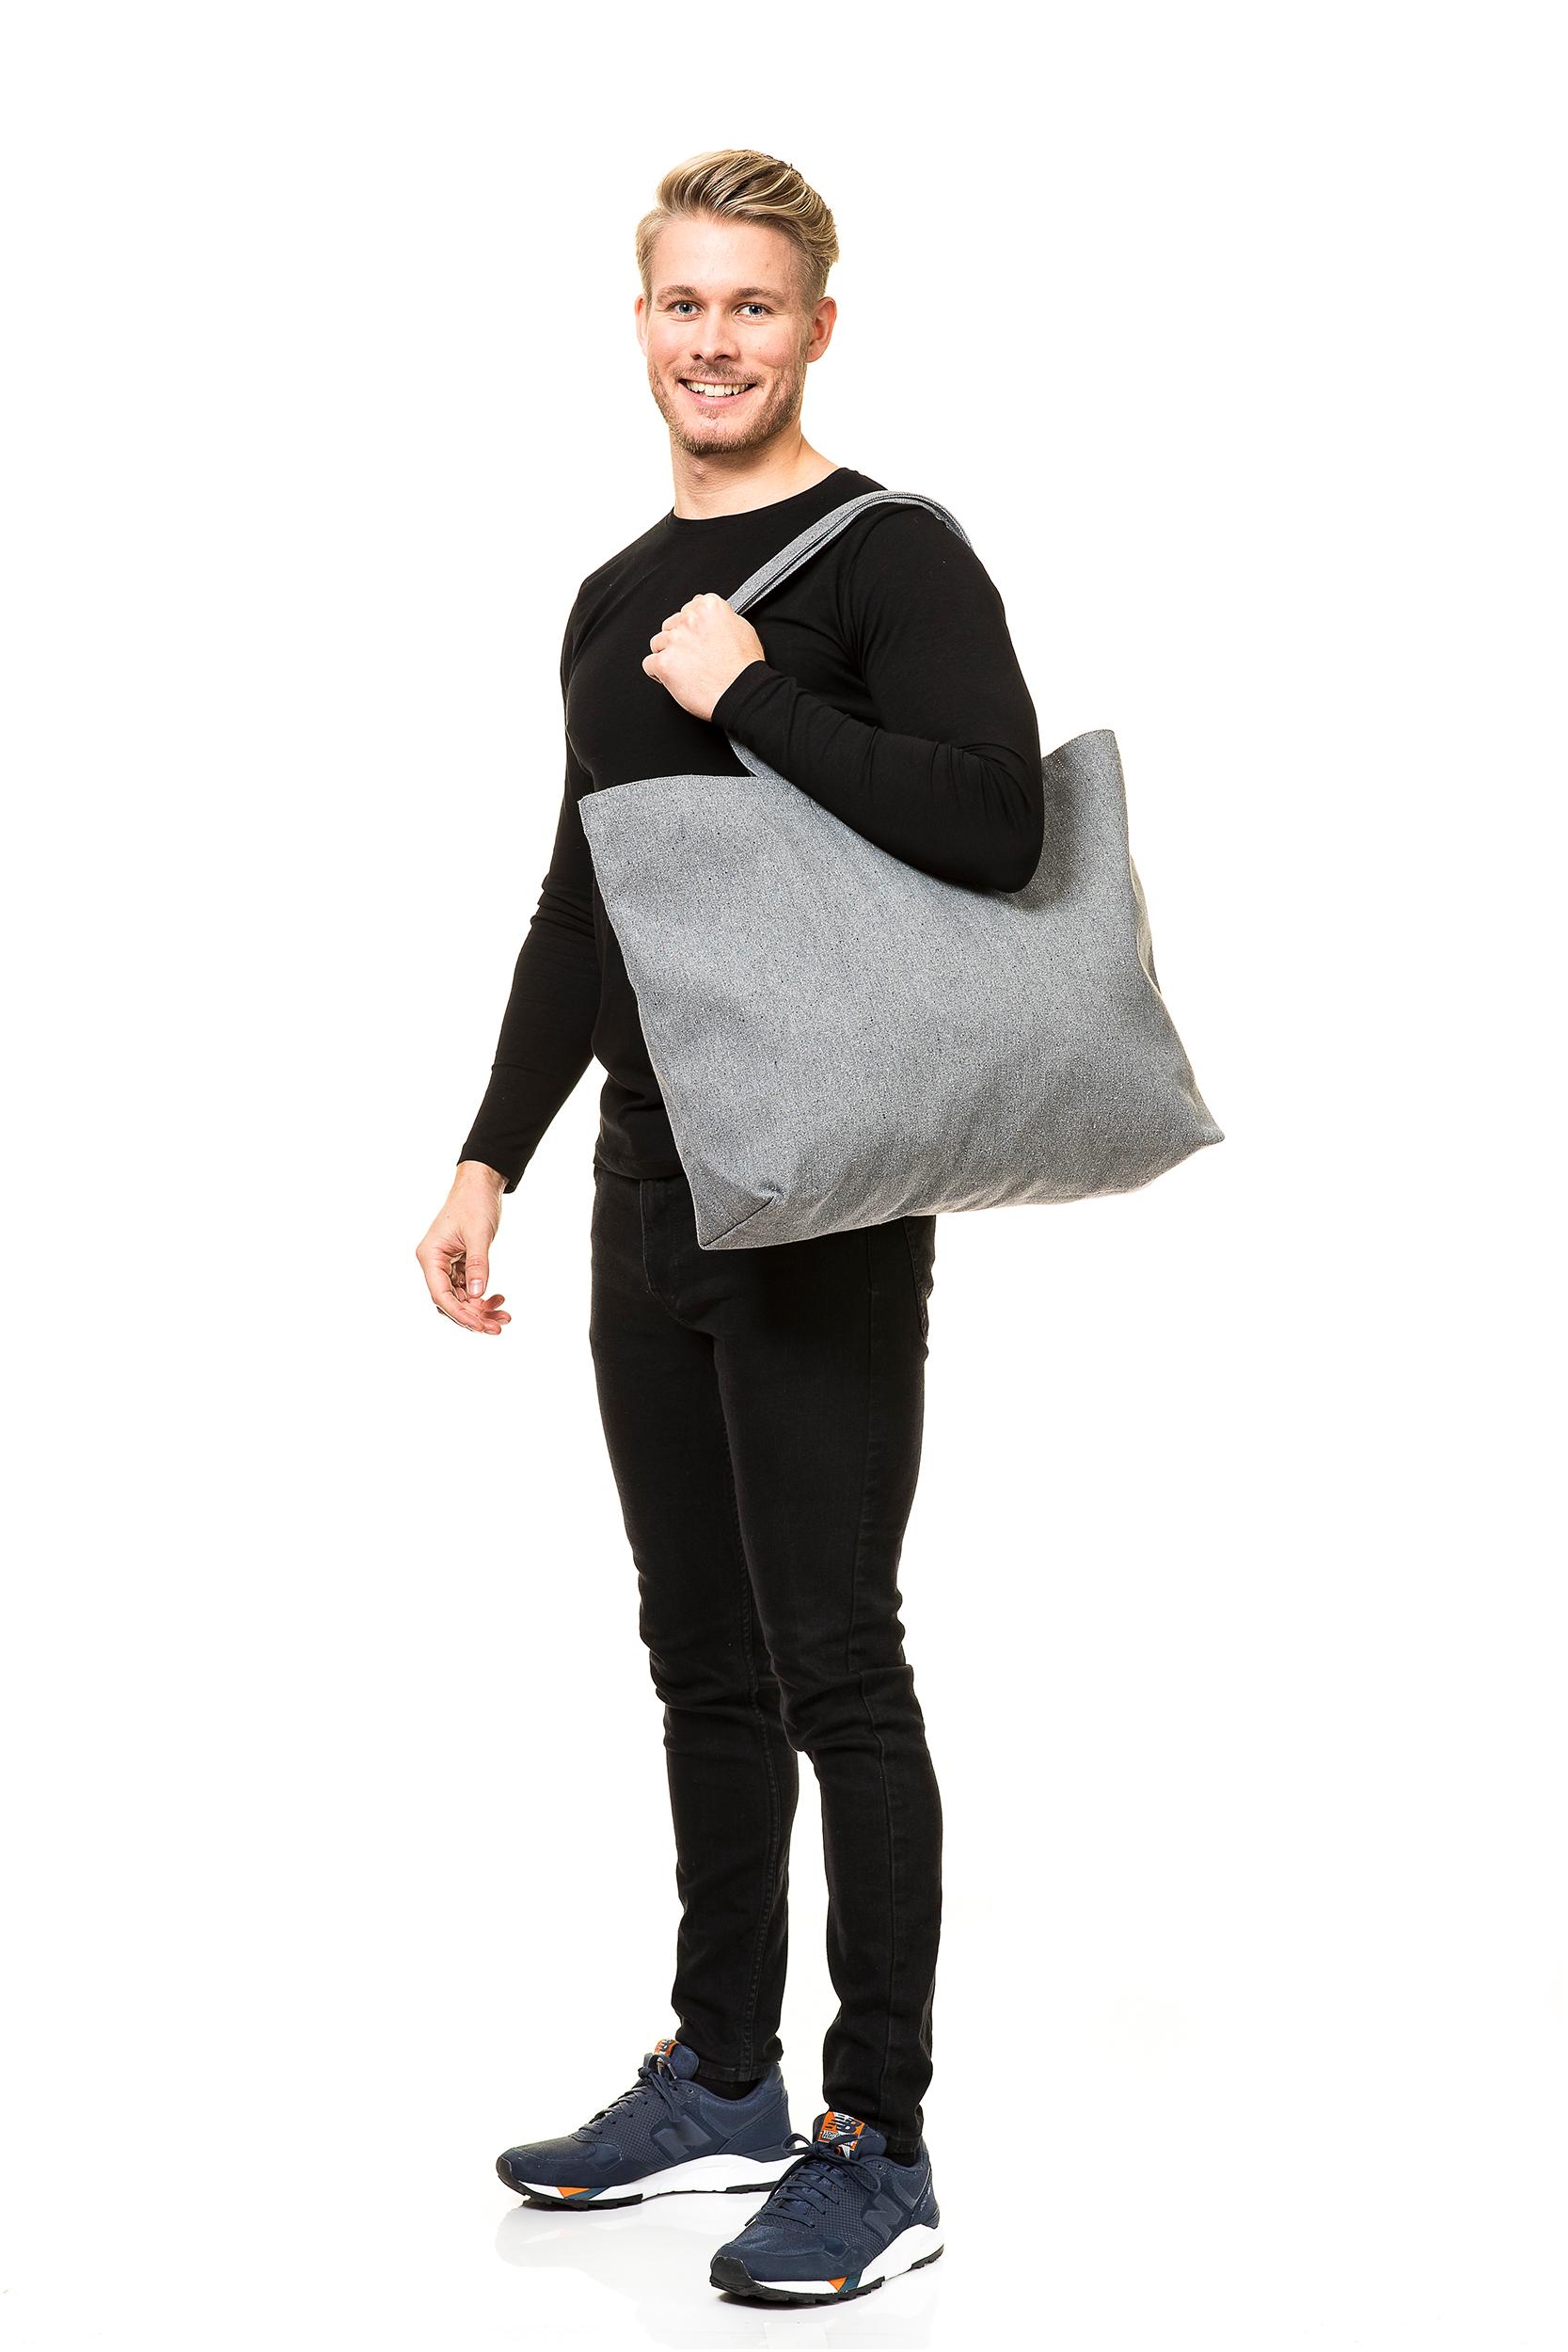 Puuvillakassit kierrätysmateriaalista